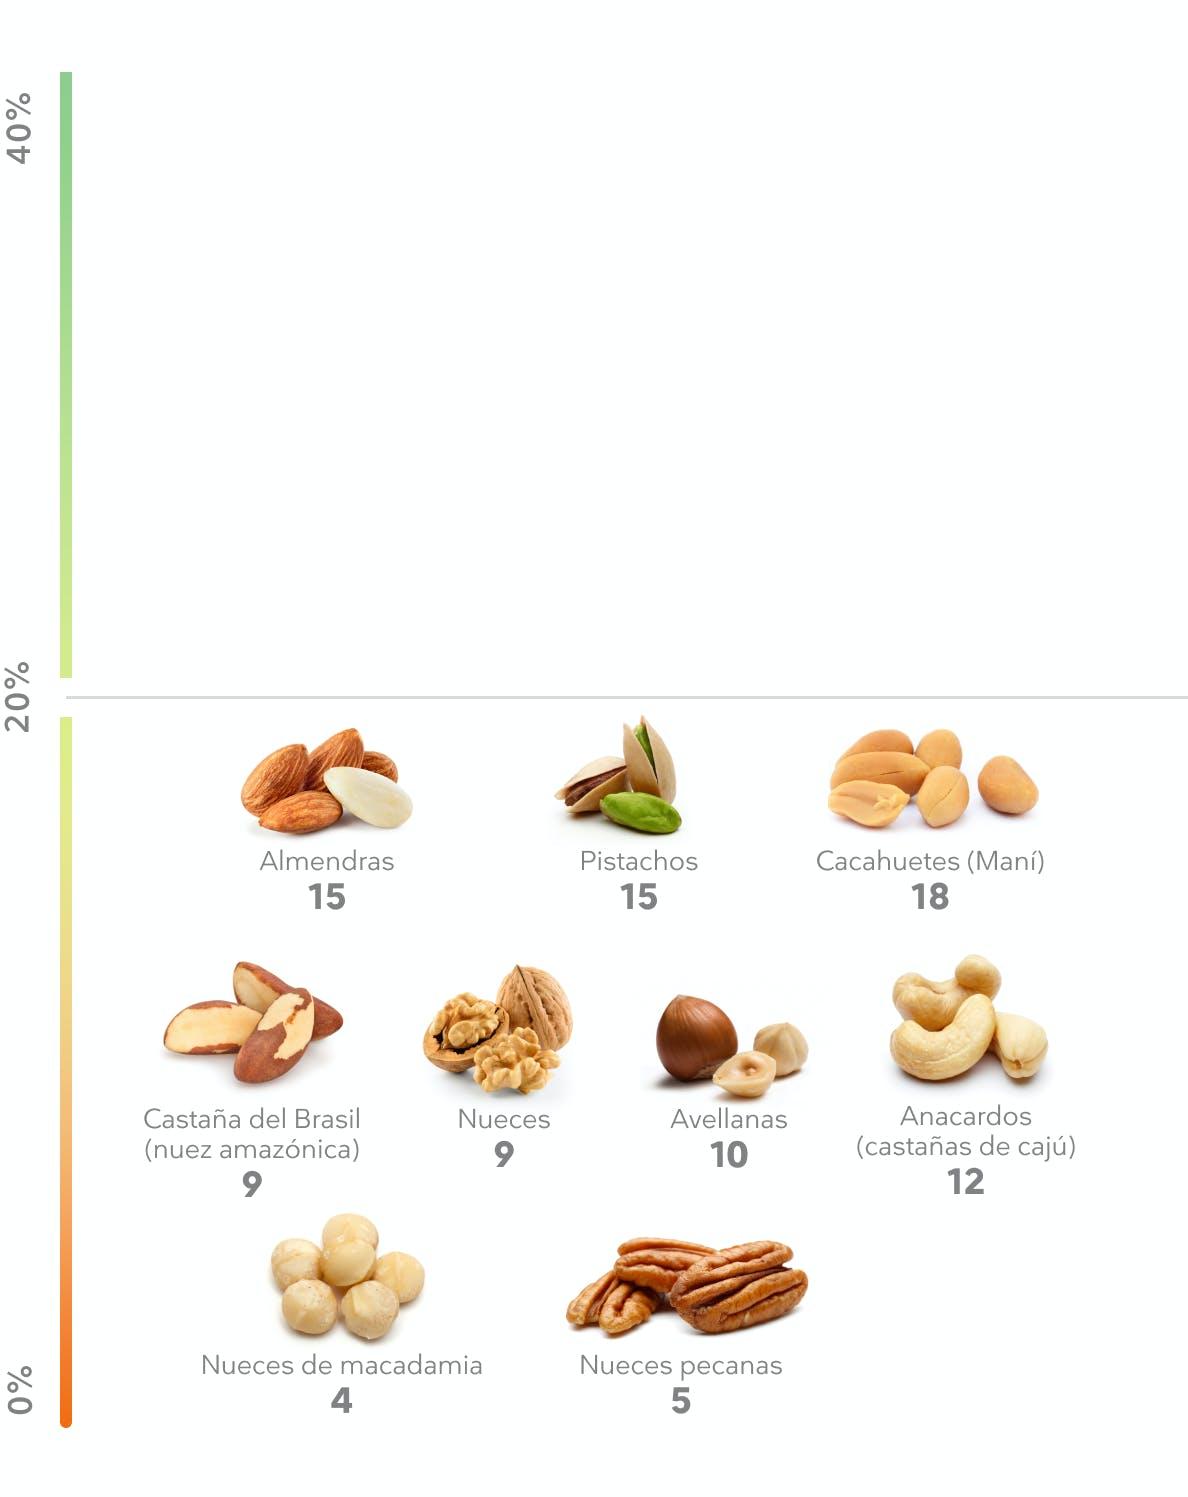 Porcentaje de proteína en frutos secos